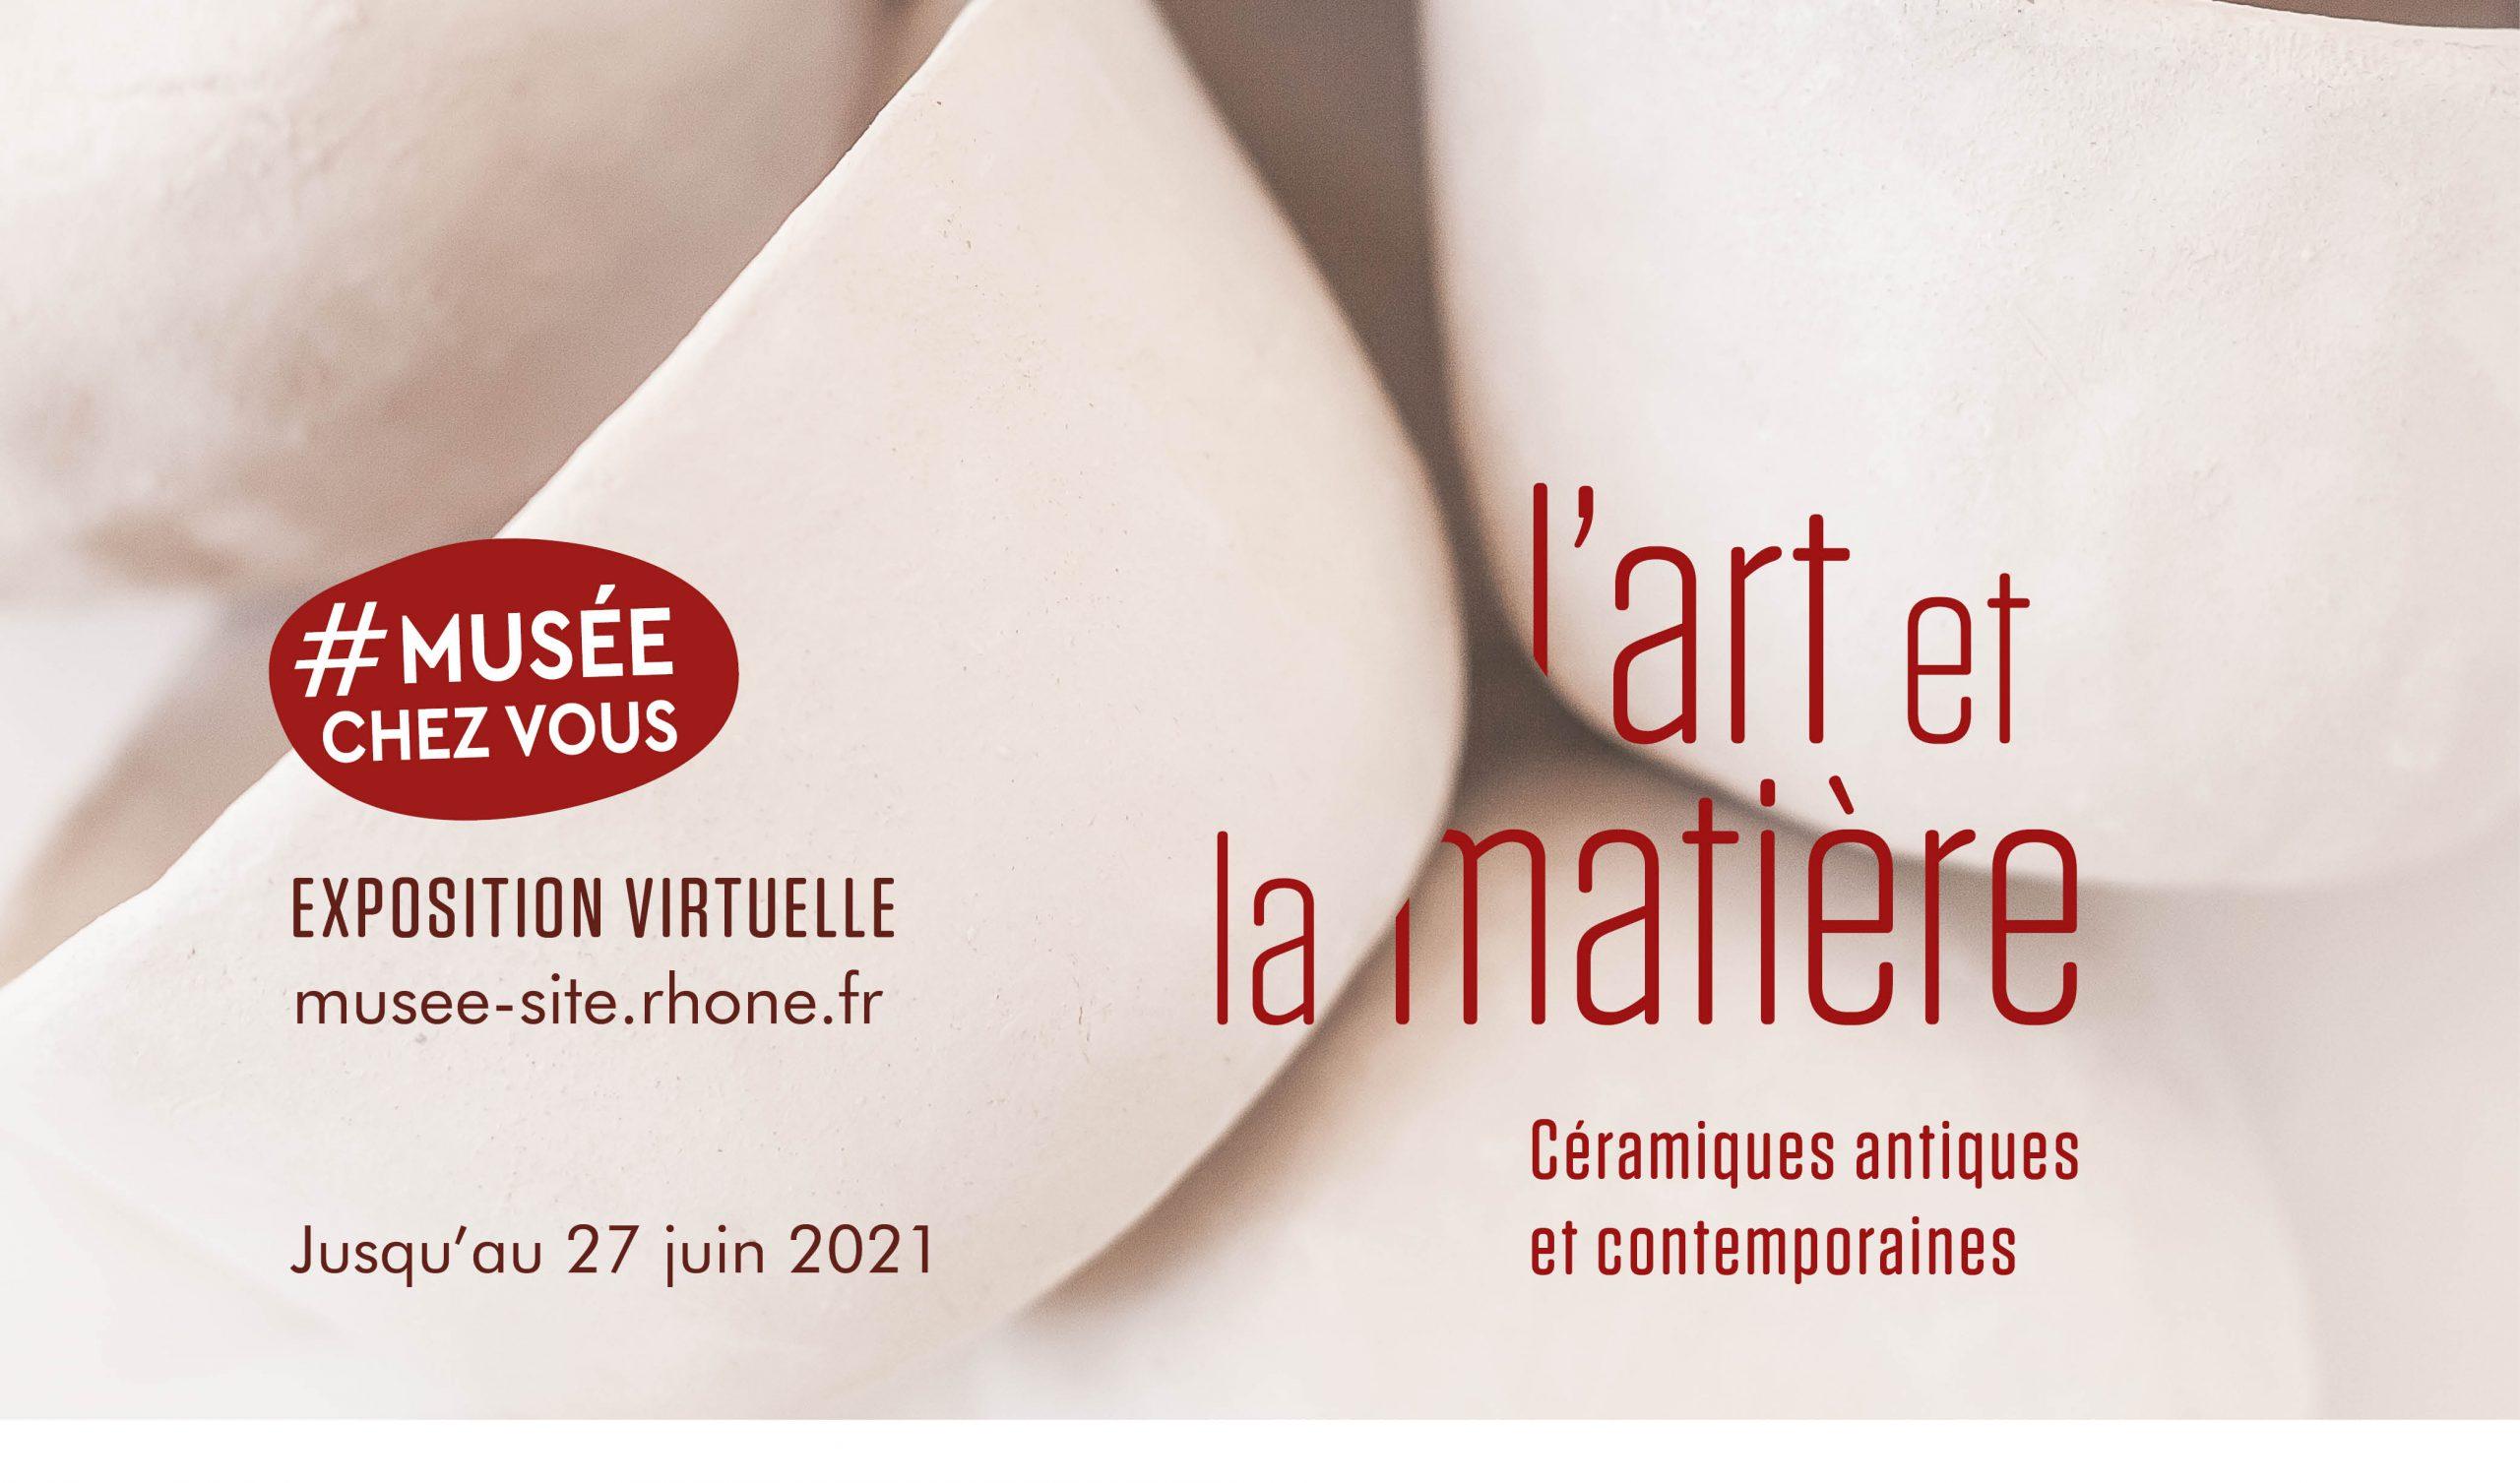 Affiche de l'exposition L'art et la matière, céramiques antiques et contemporaines